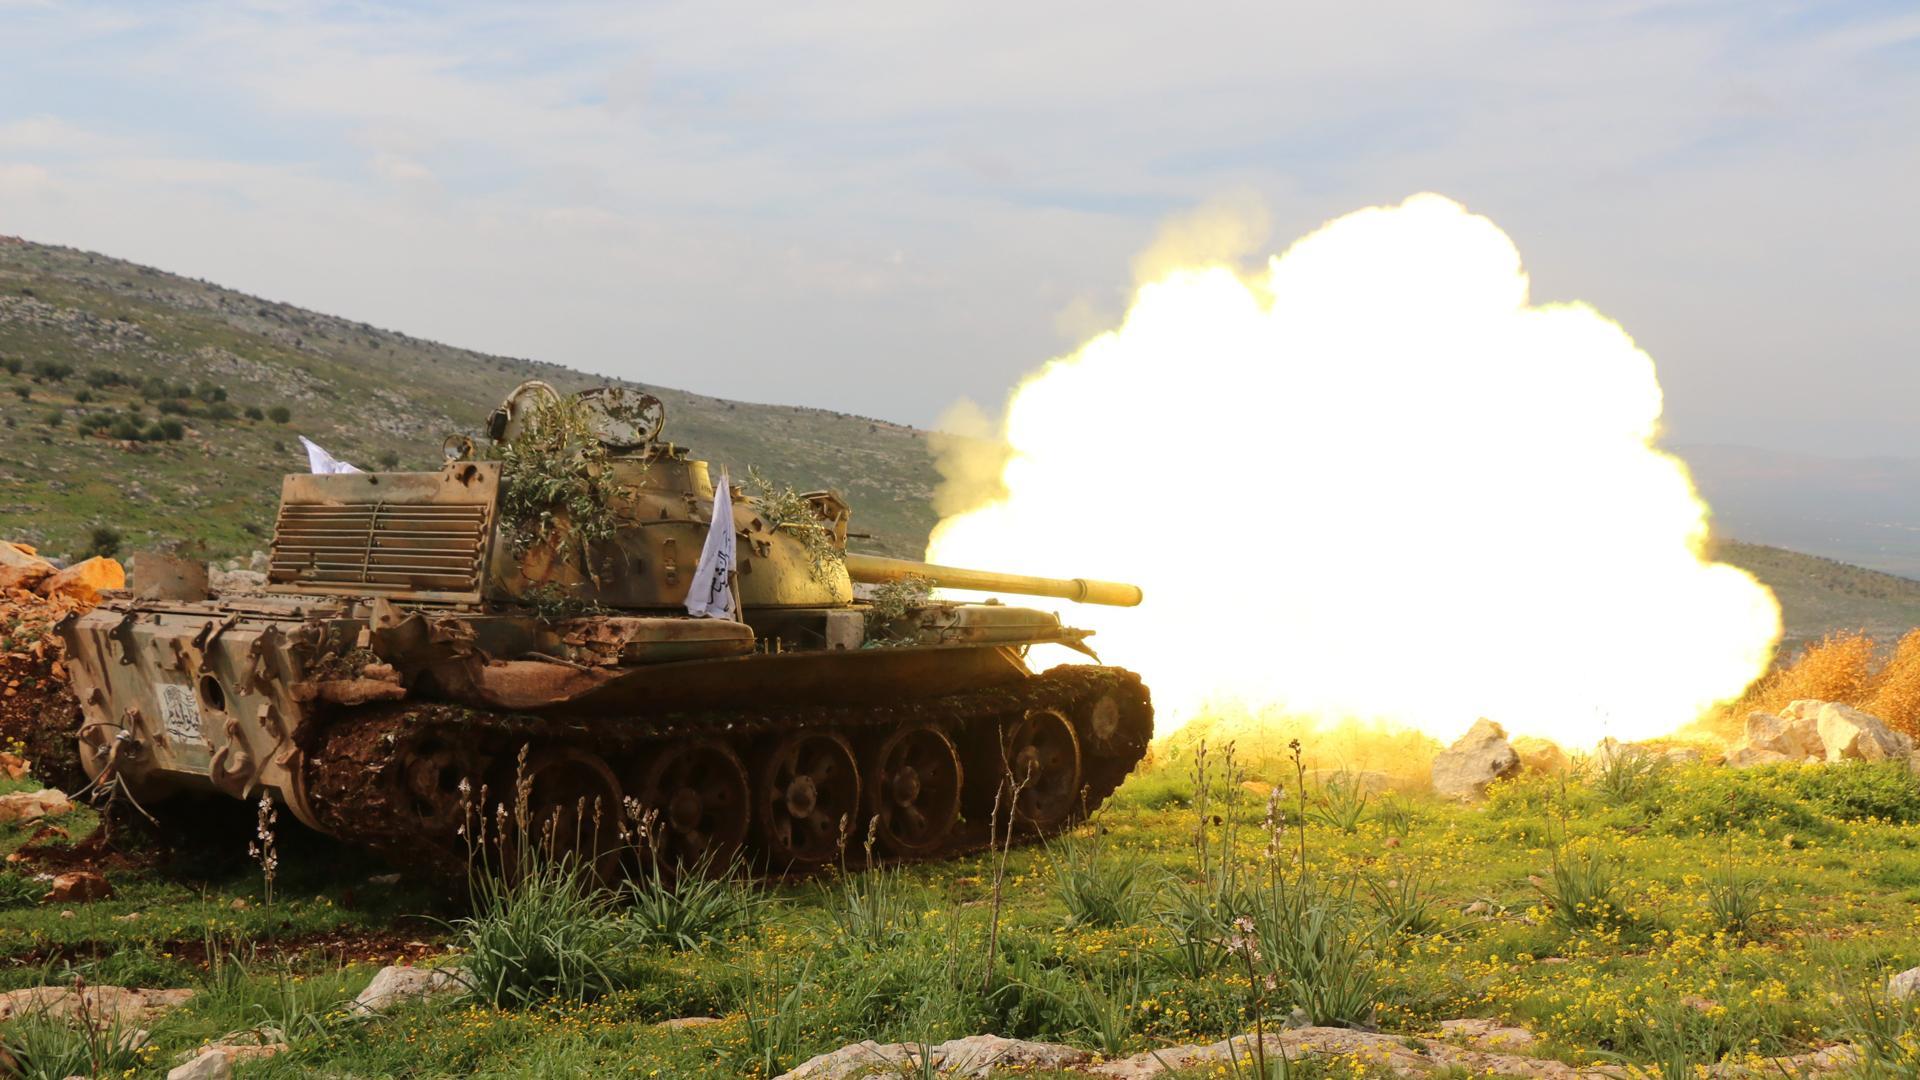 Второй фронт Эрдогана. Связана ли война в Сирии с конфликтом в Карабахе